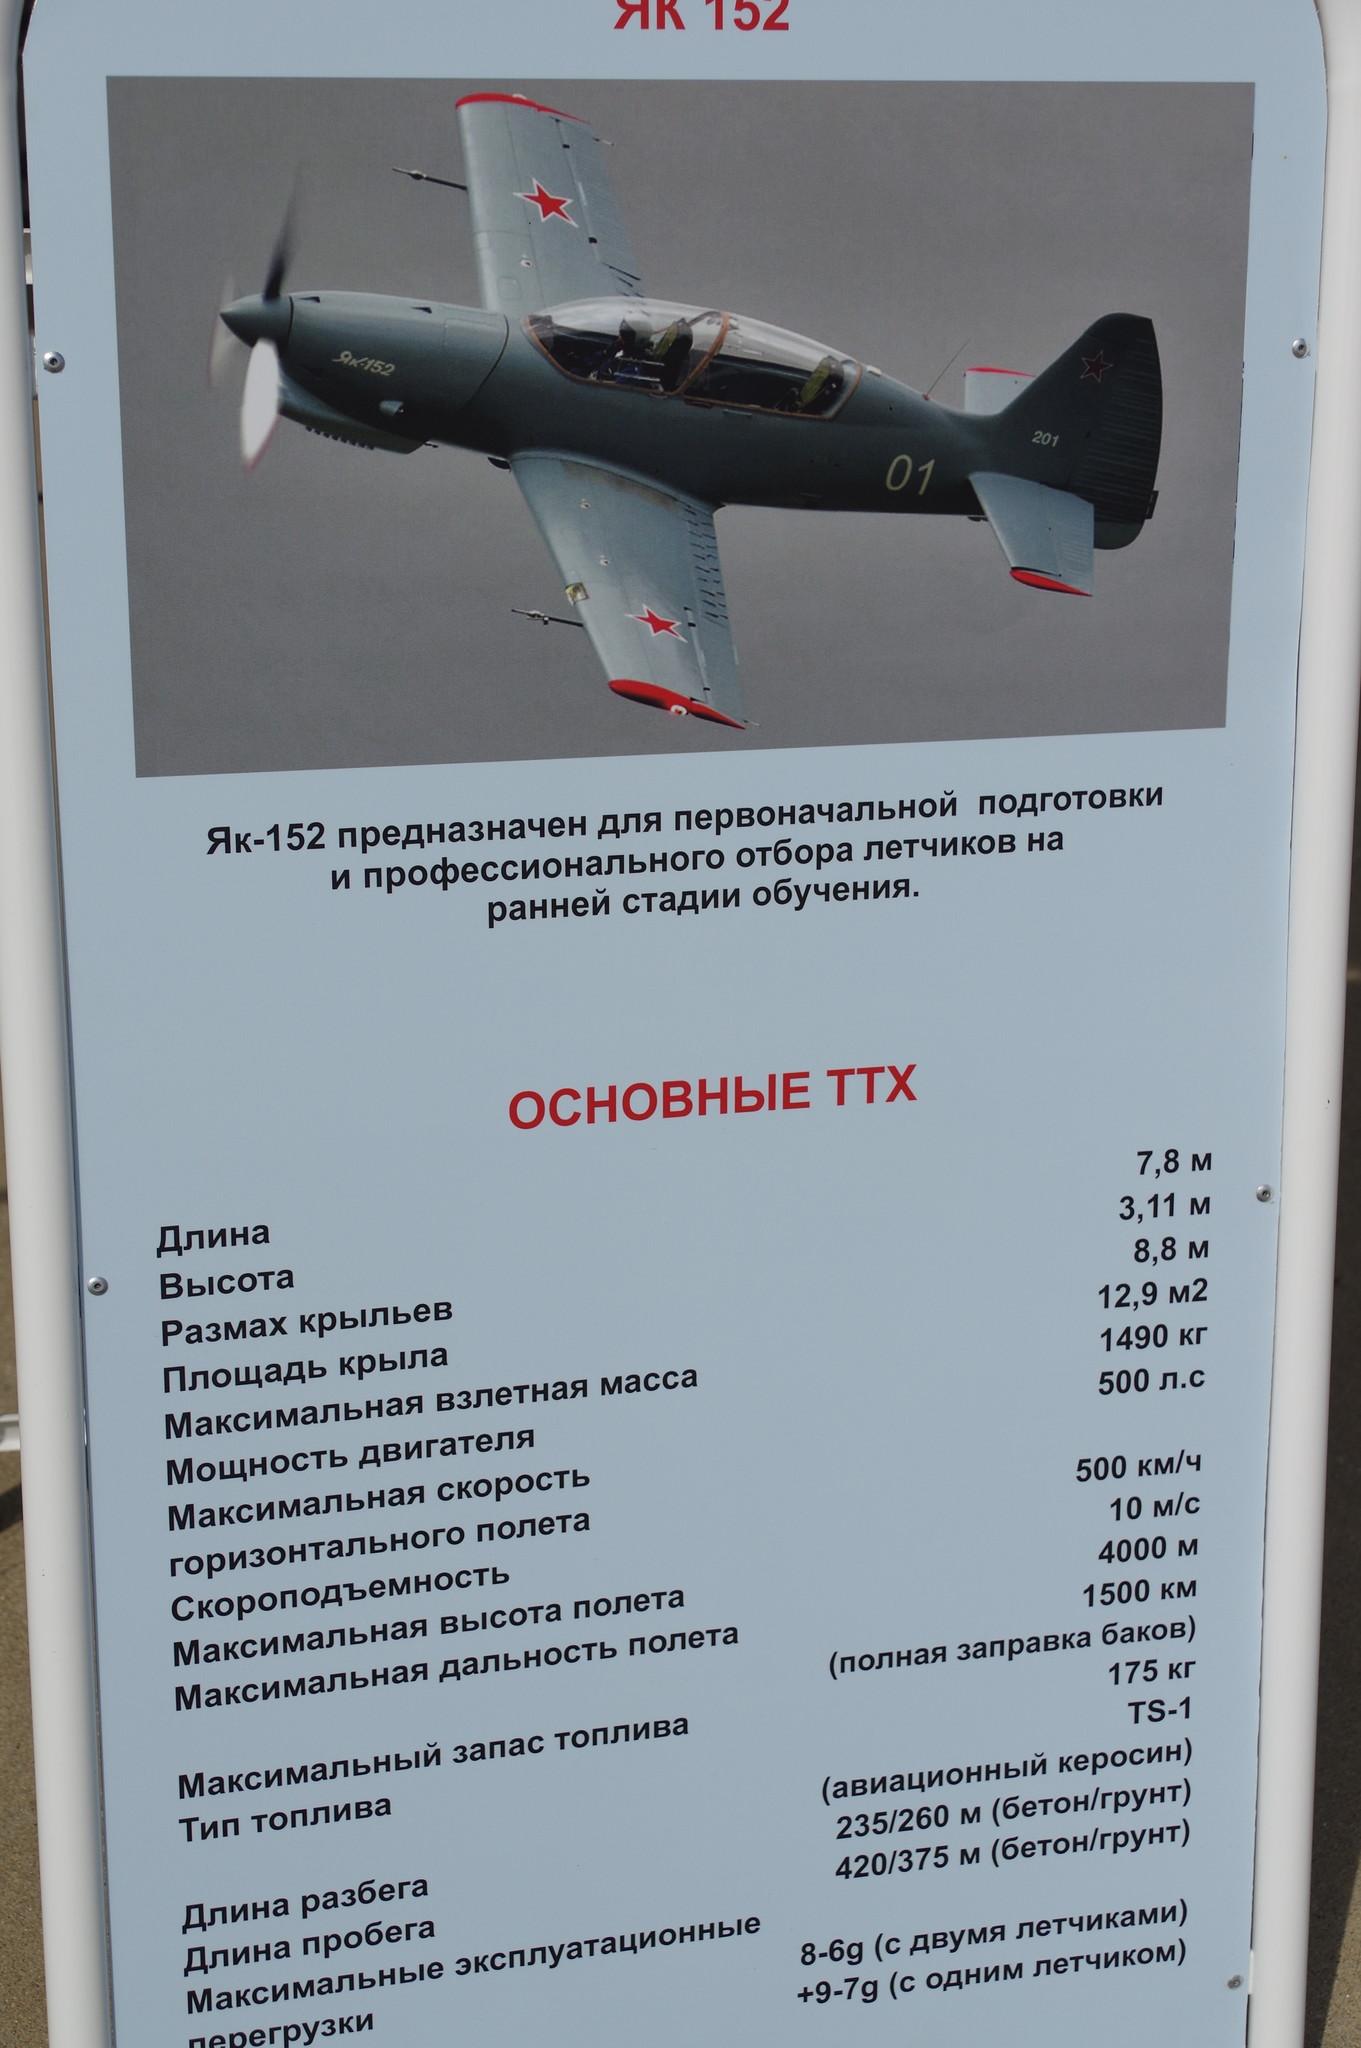 Учебно-тренировочный самолёт первоначальной лётной подготовки Як-152